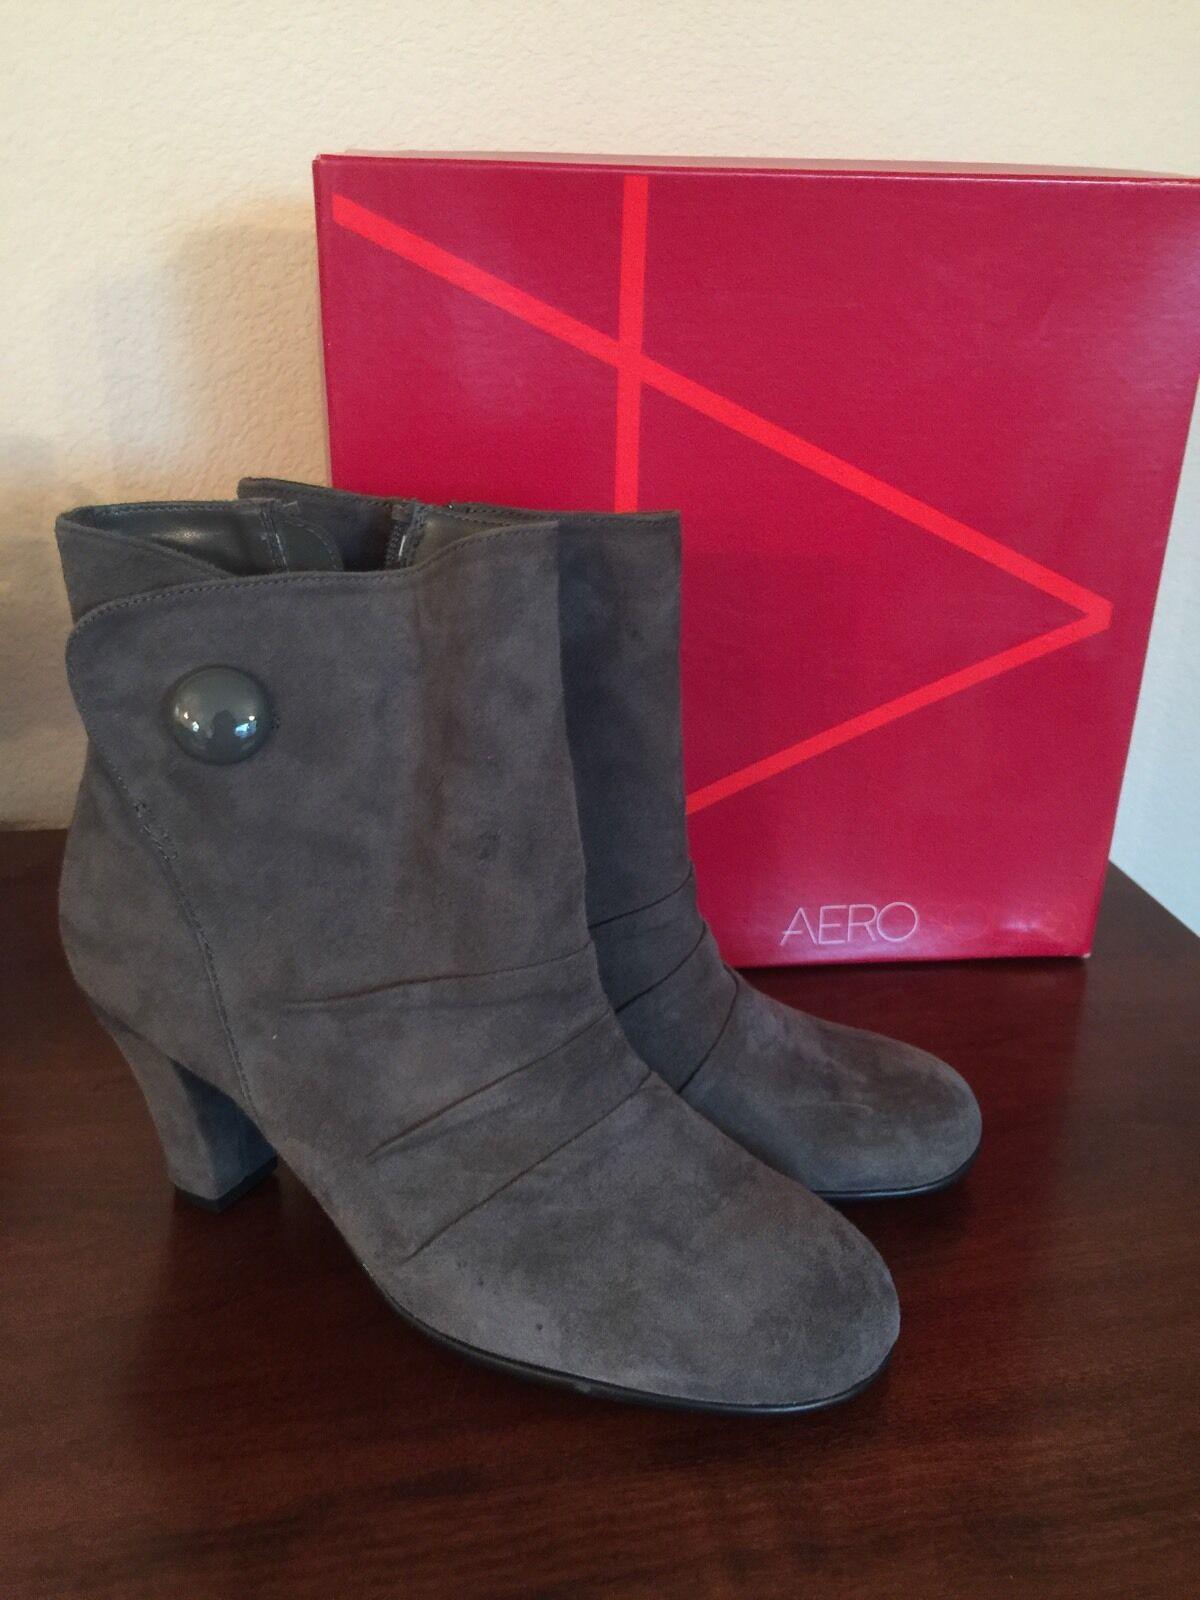 NIB Women's AEROSOLES Gray Suede Booties, Zip Up - Size 8 Medium